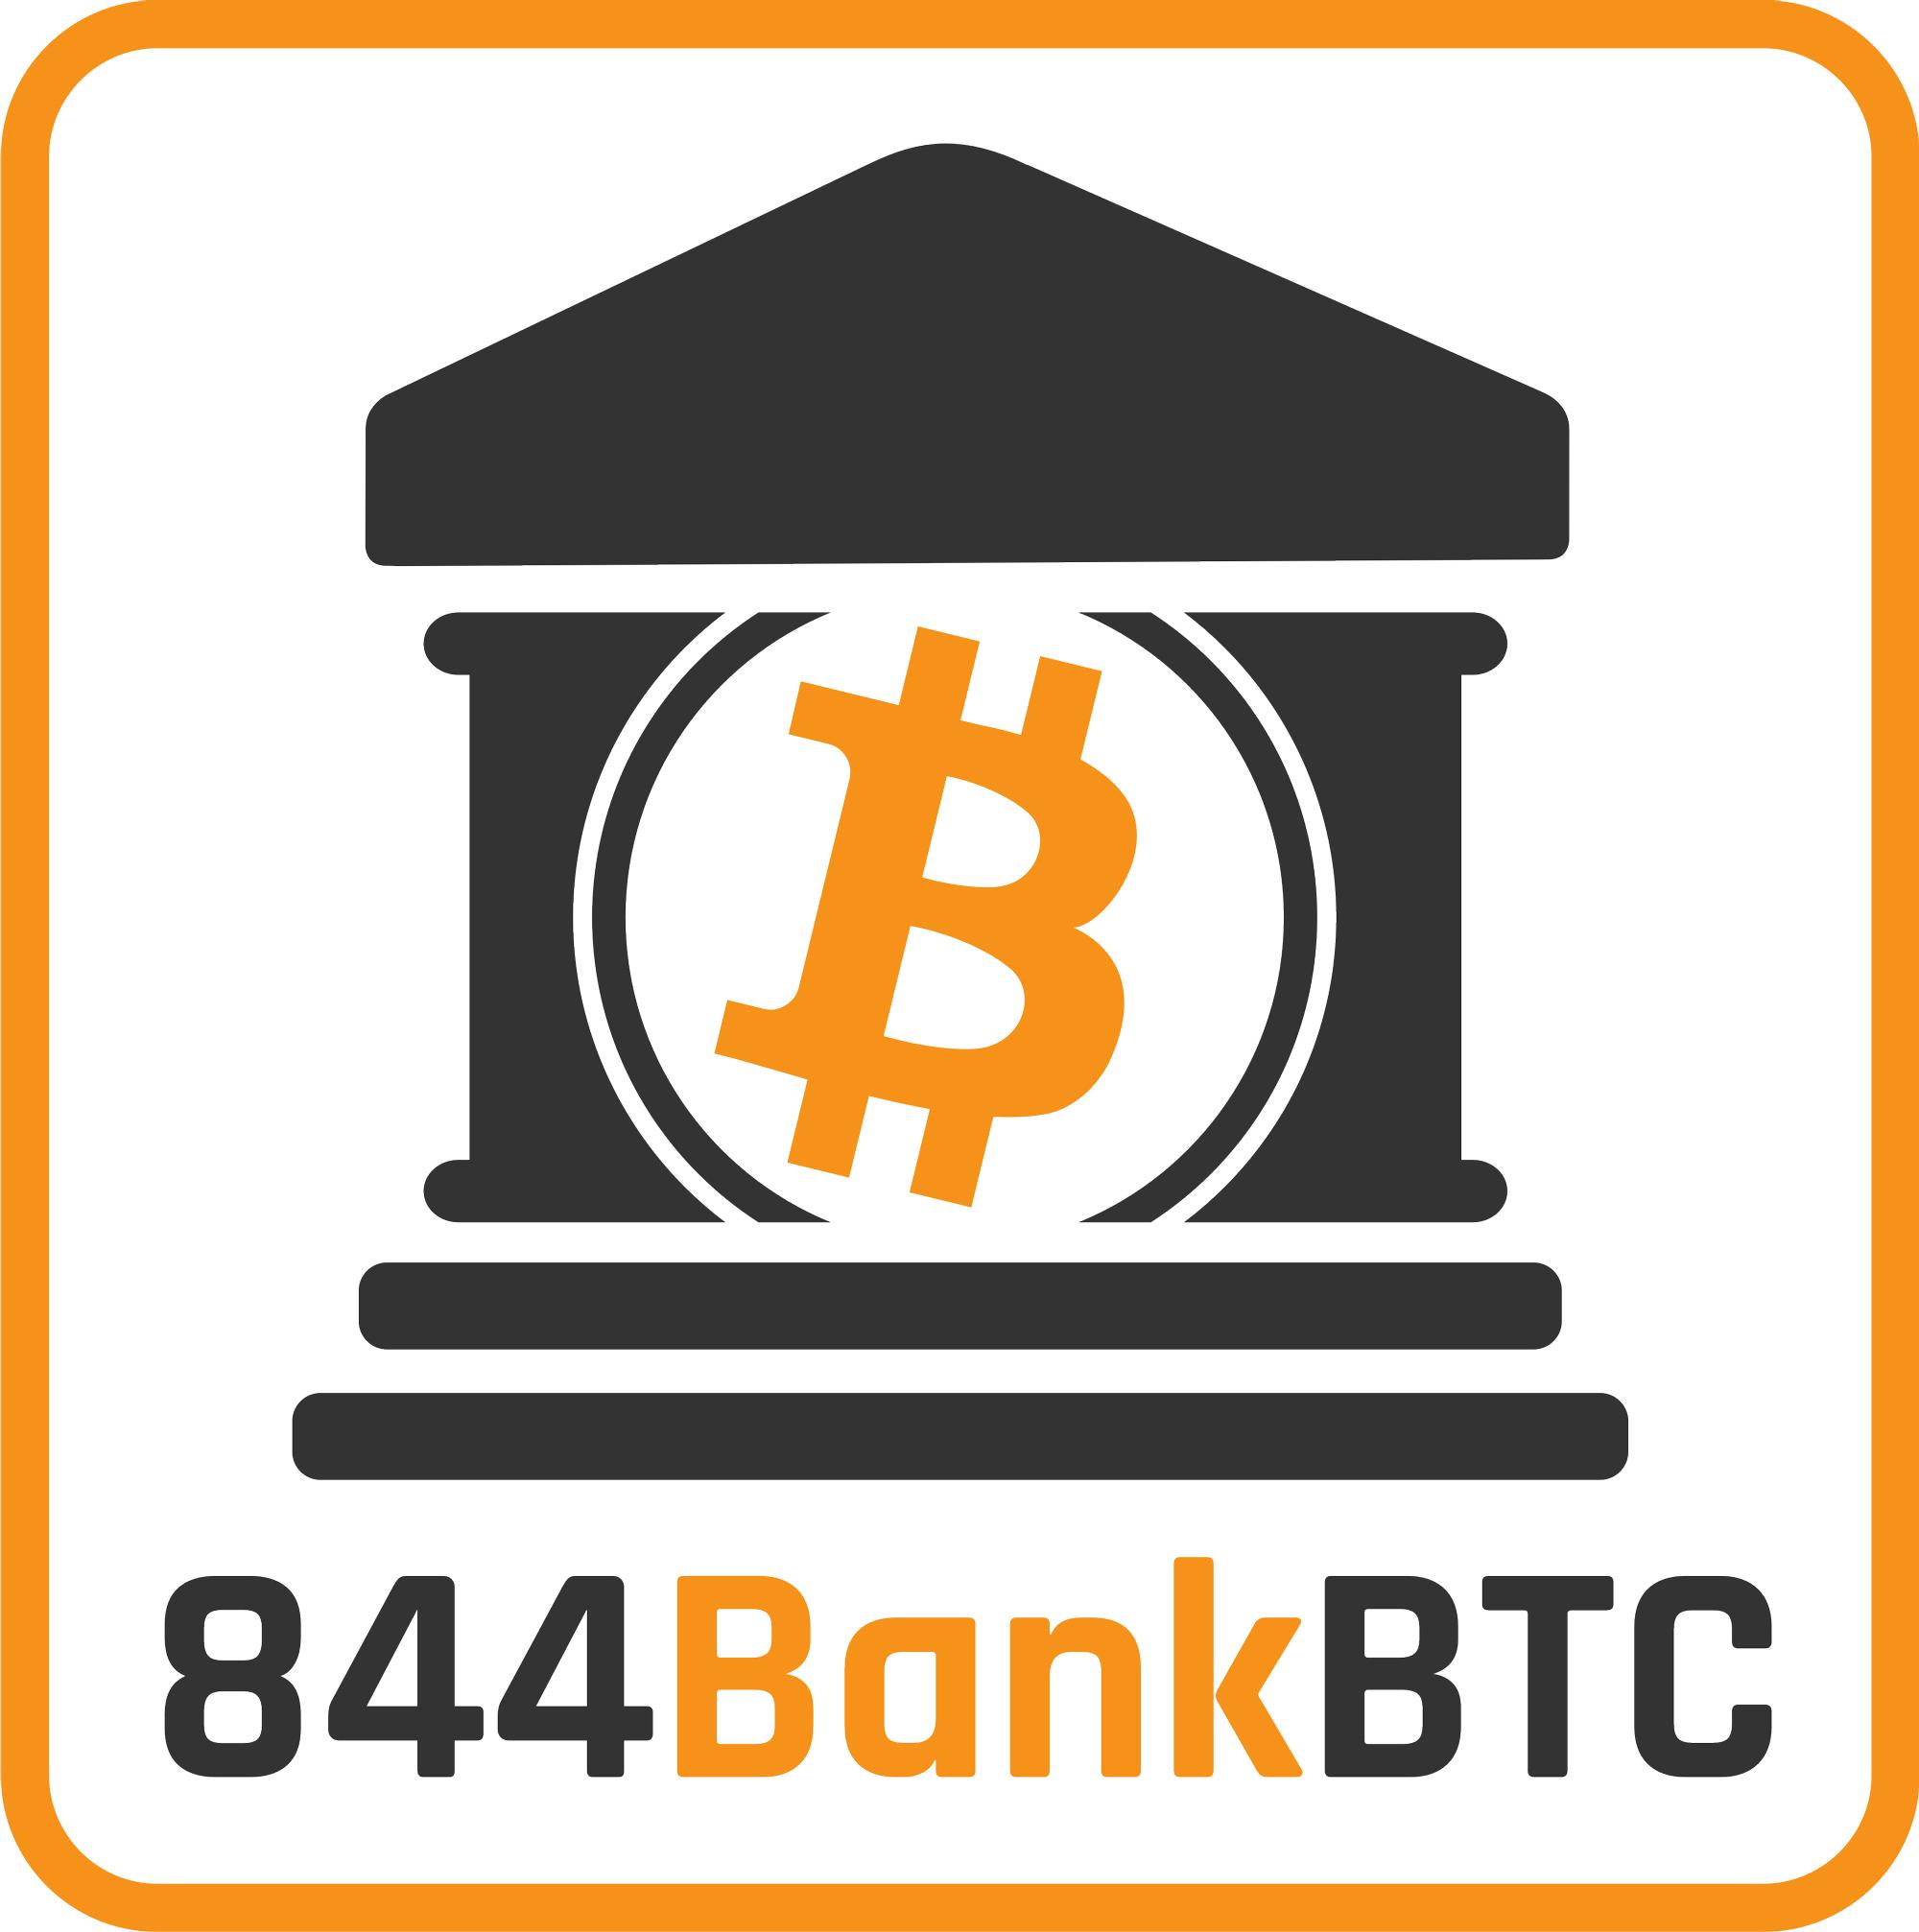 844BankBTClogo